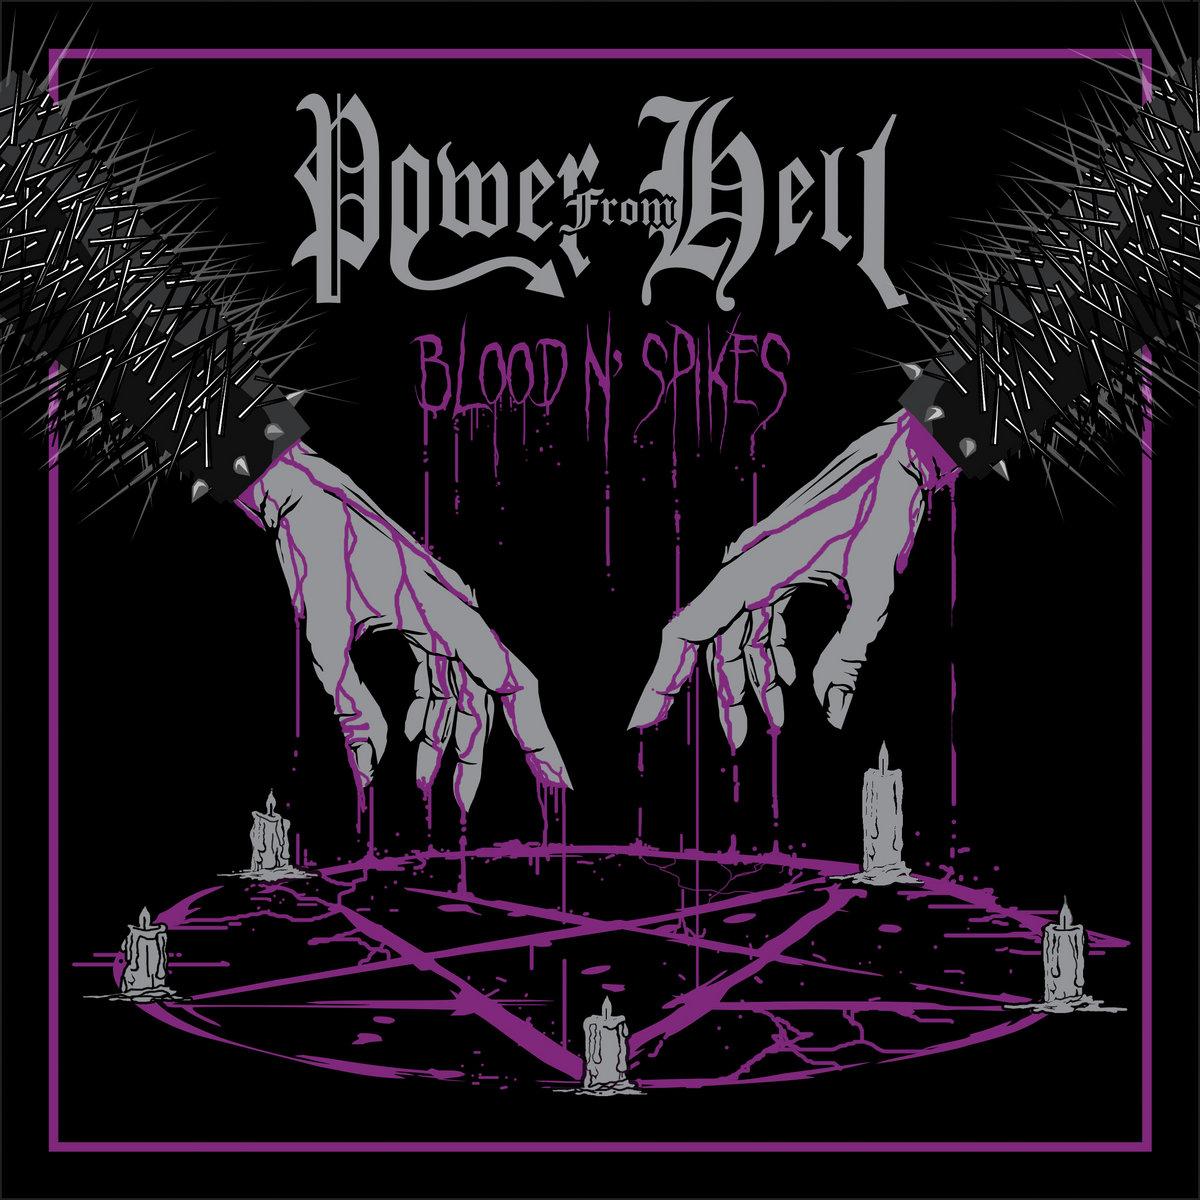 Αποτέλεσμα εικόνας για power from hell blood and spikes review